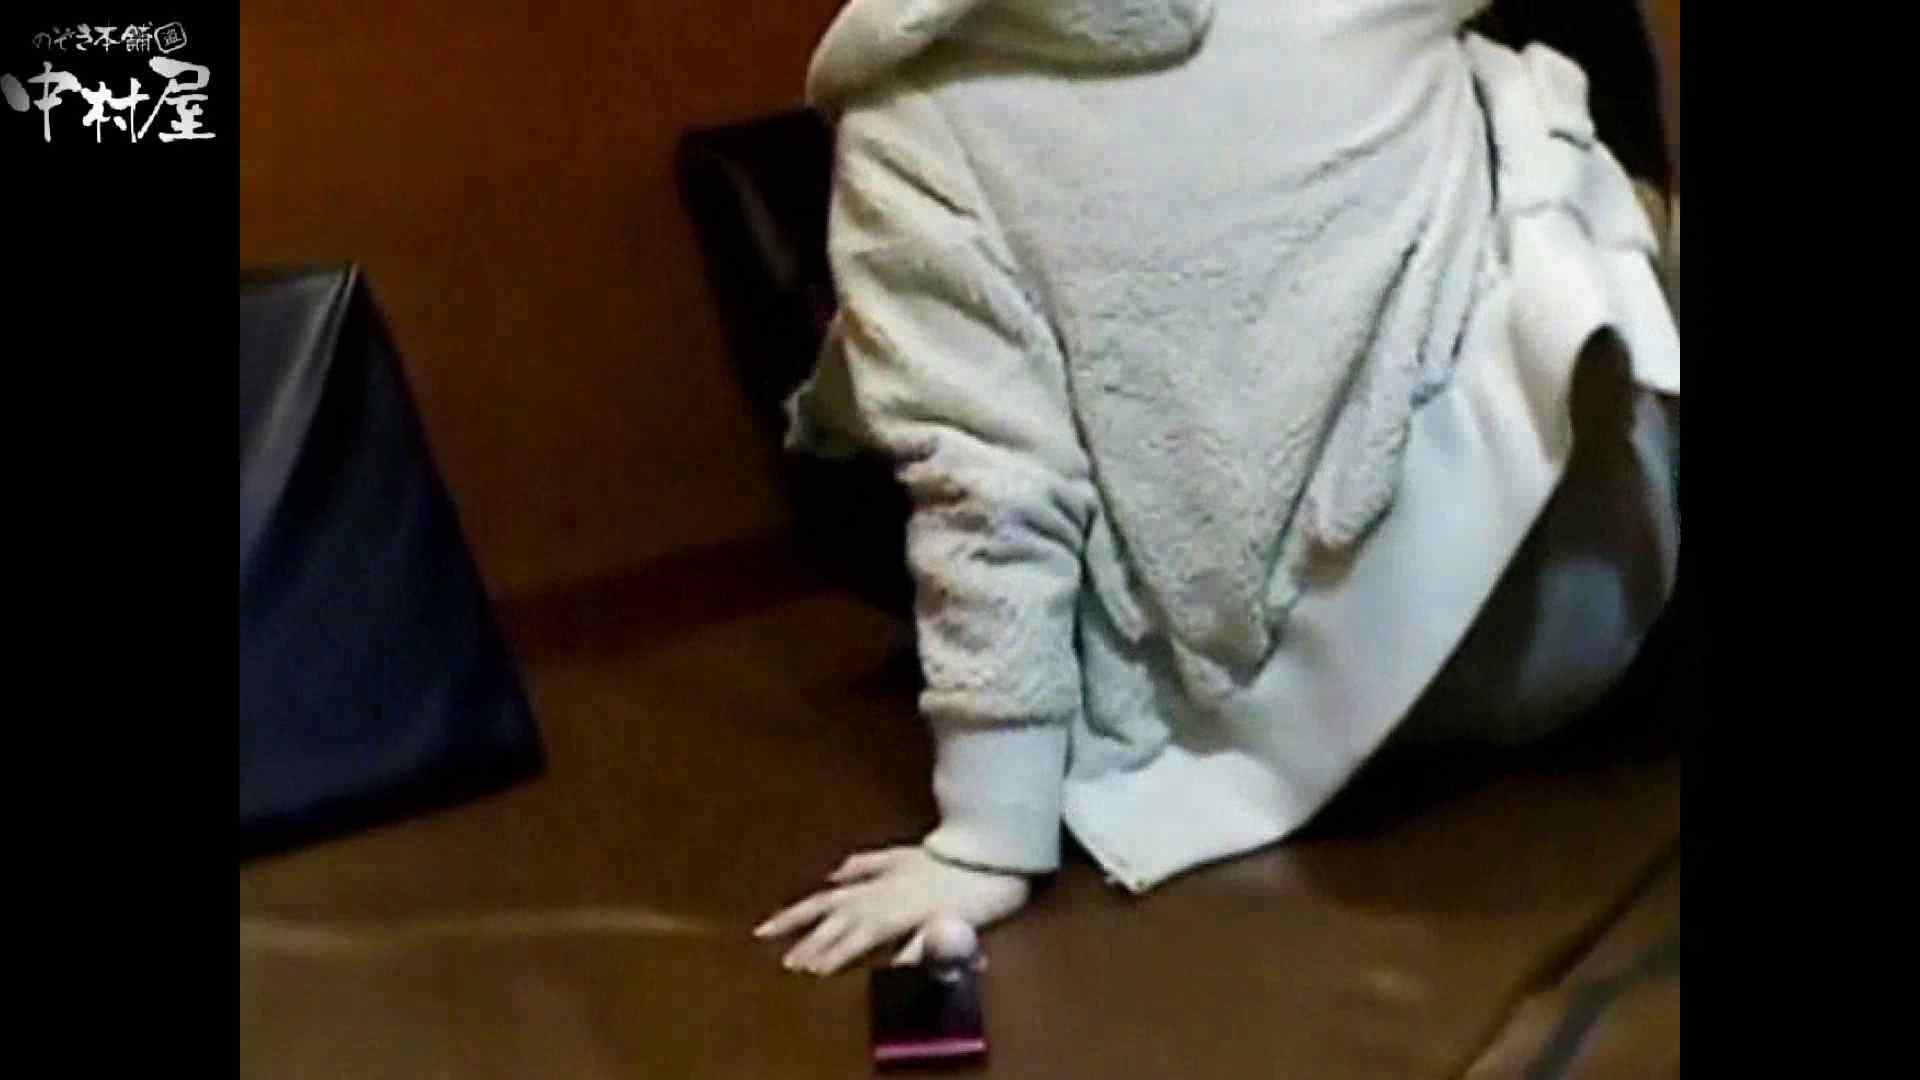 ネットカフェ盗撮師トロントさんの 素人カップル盗撮記vol.7 お姉さんの乳首 戯れ無修正画像 110PIX 40